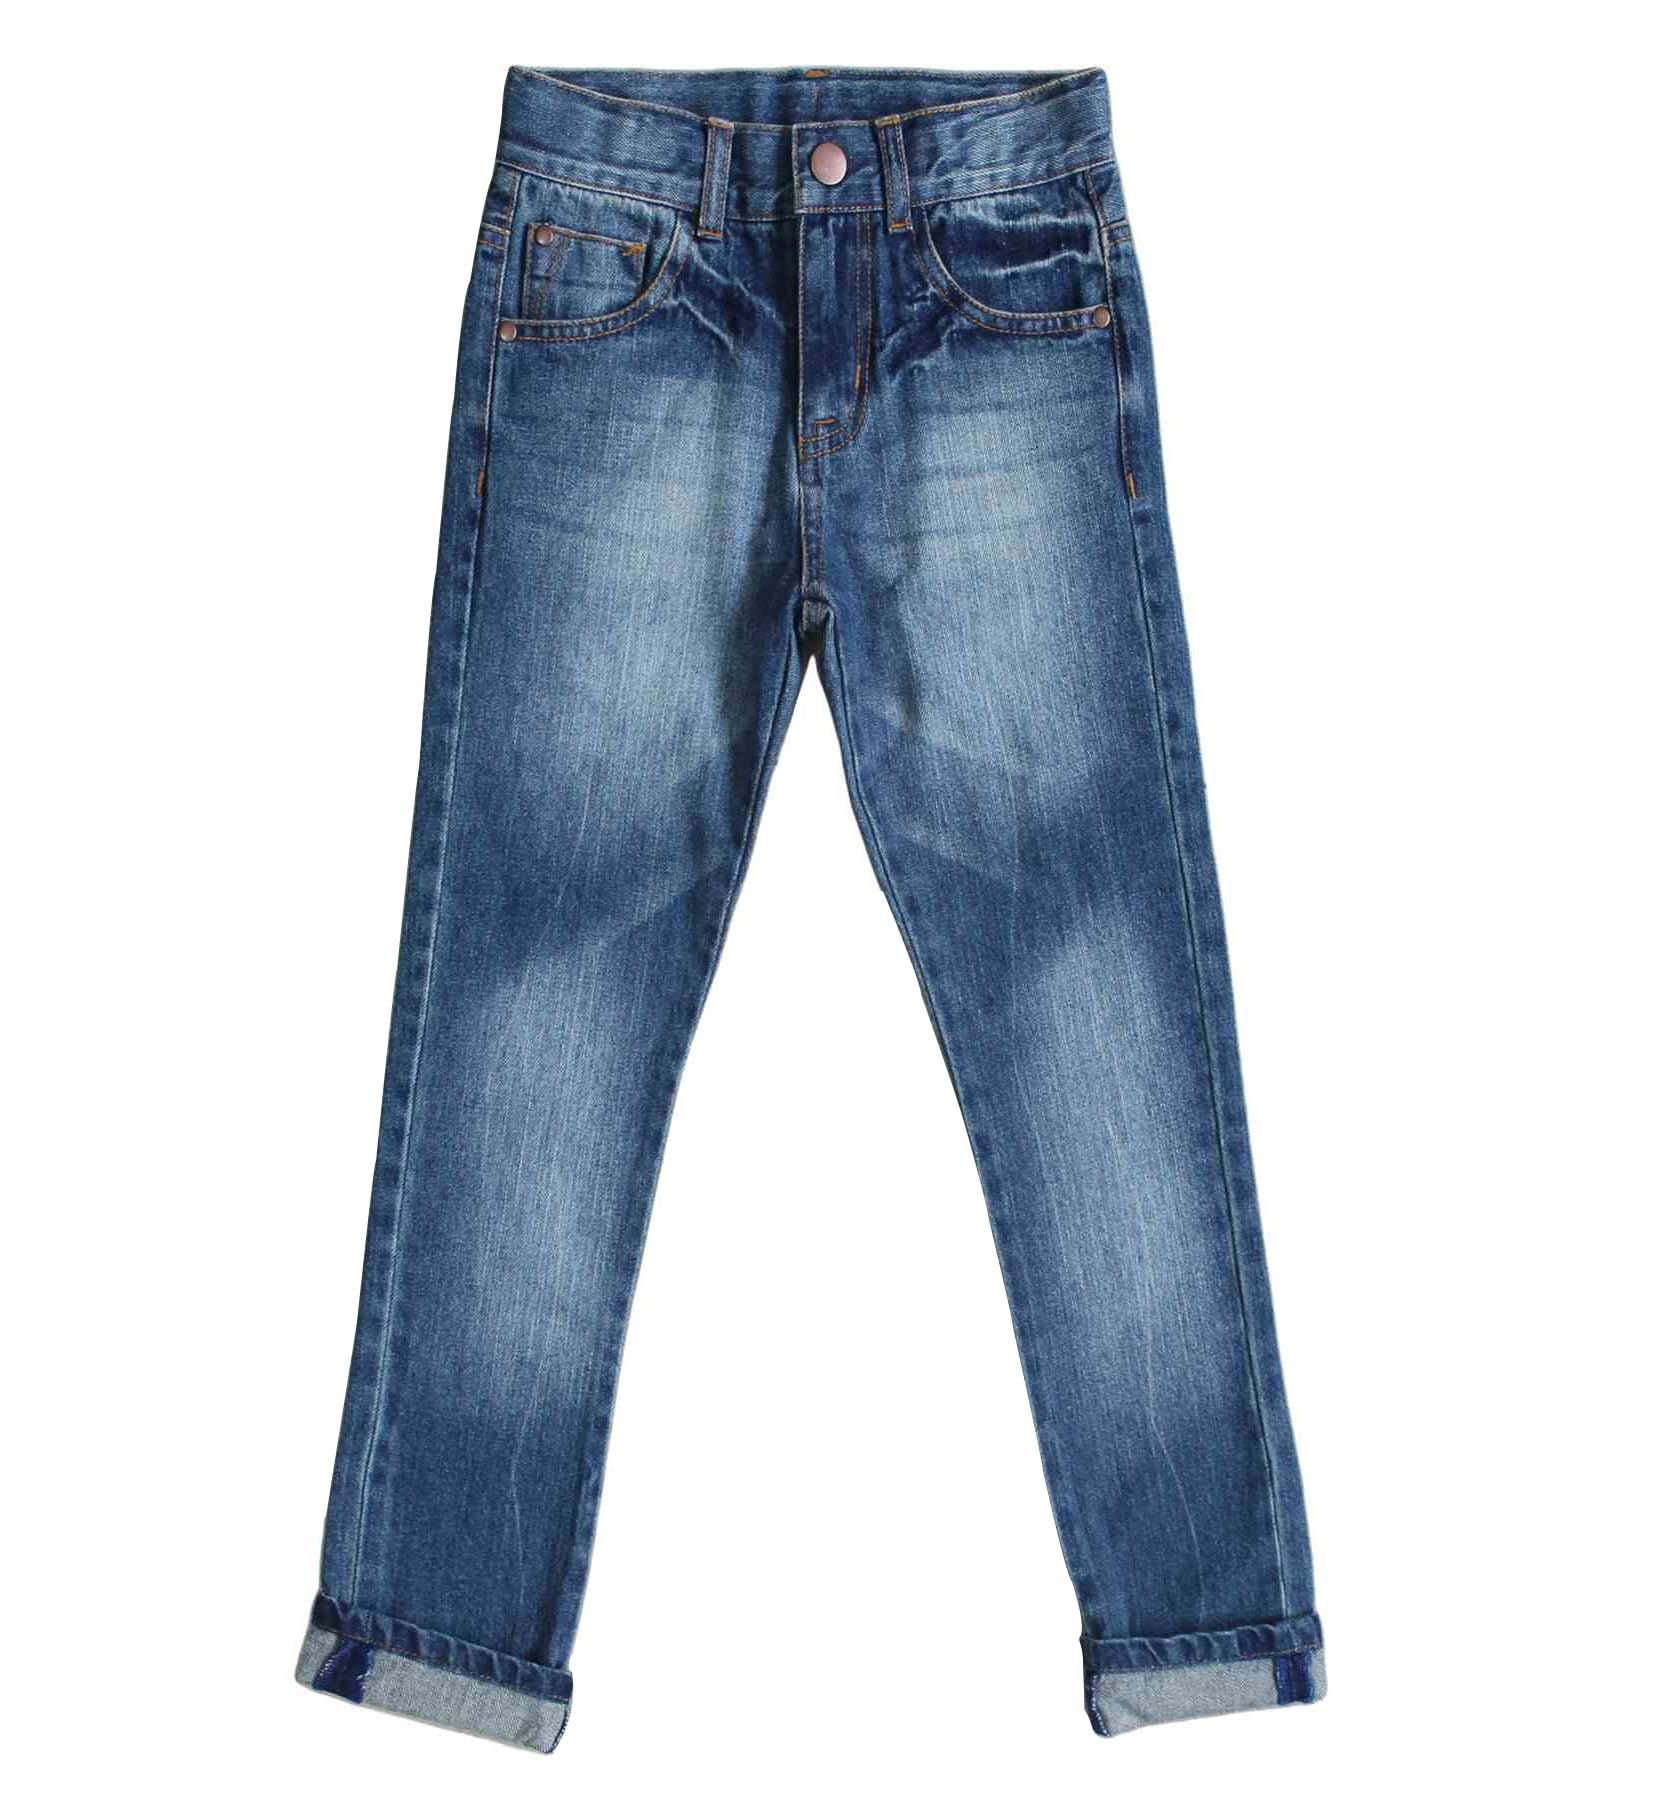 Bienzoe Little Boy's Cotton Adjustable Waist Slim Denim Pants Blue Jeans 5